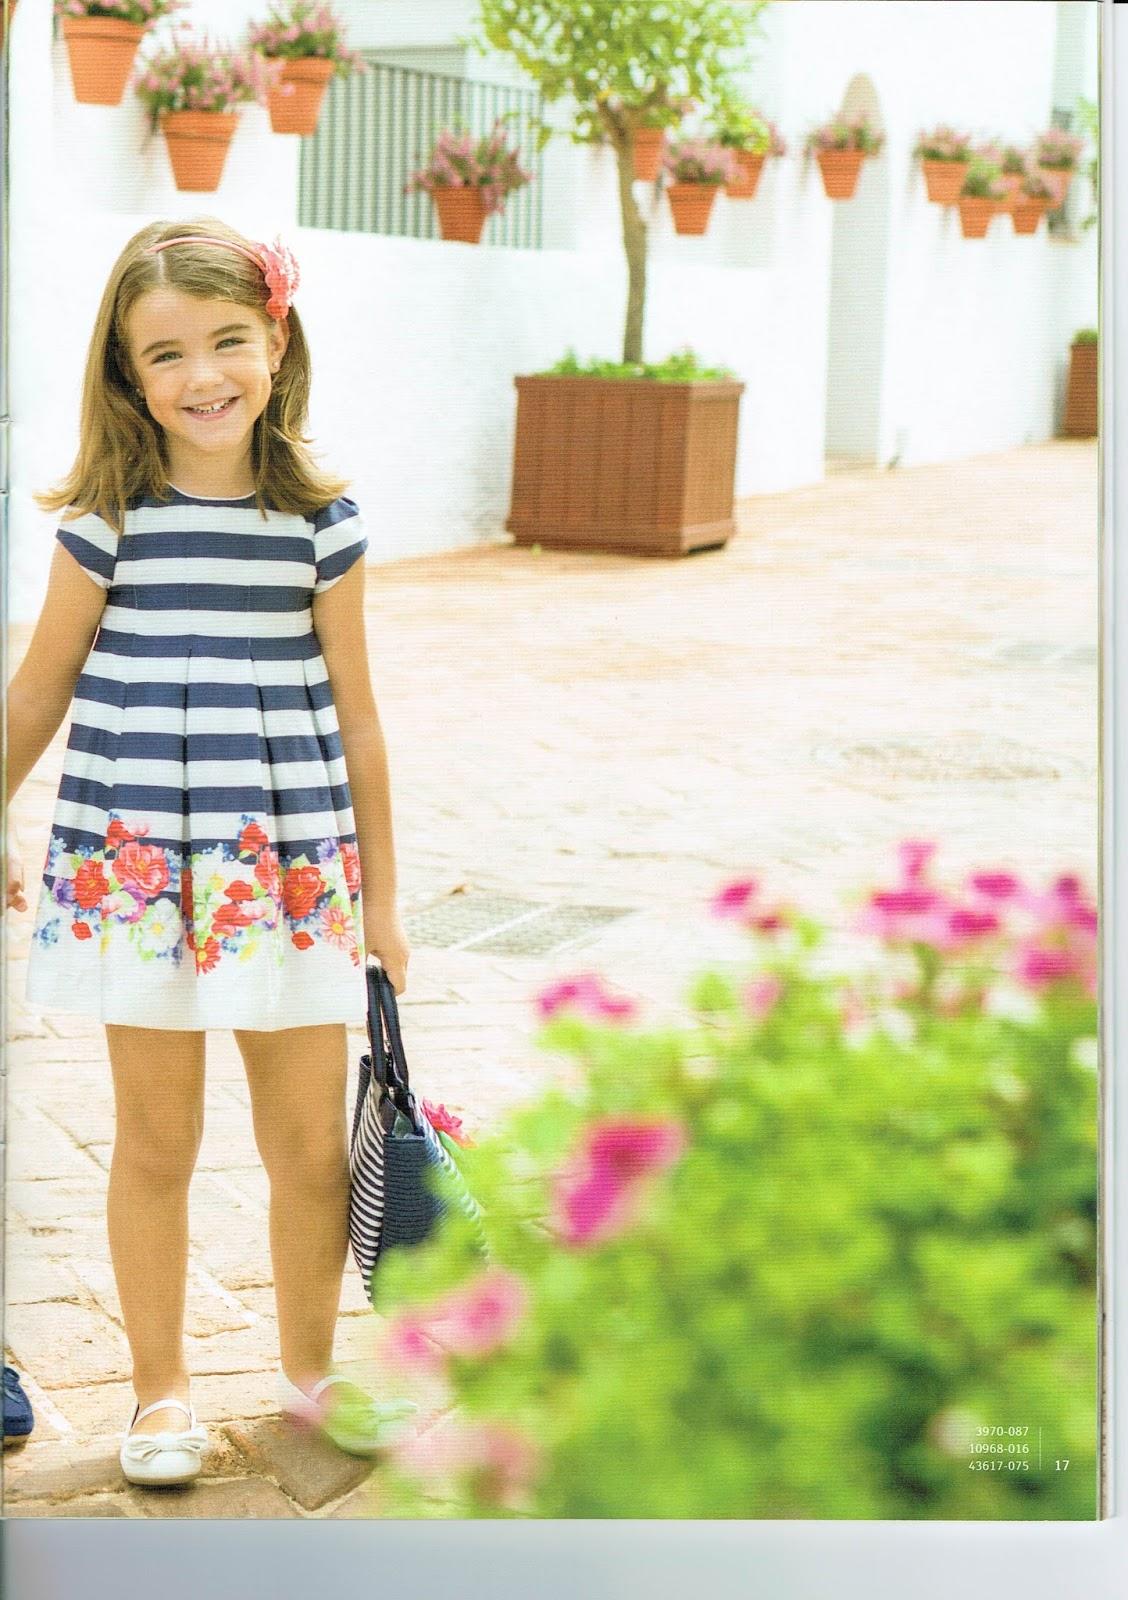 Catalogo mayoral primavera verano 2016 delfin moda infantil for Jardin infantil verano 2016